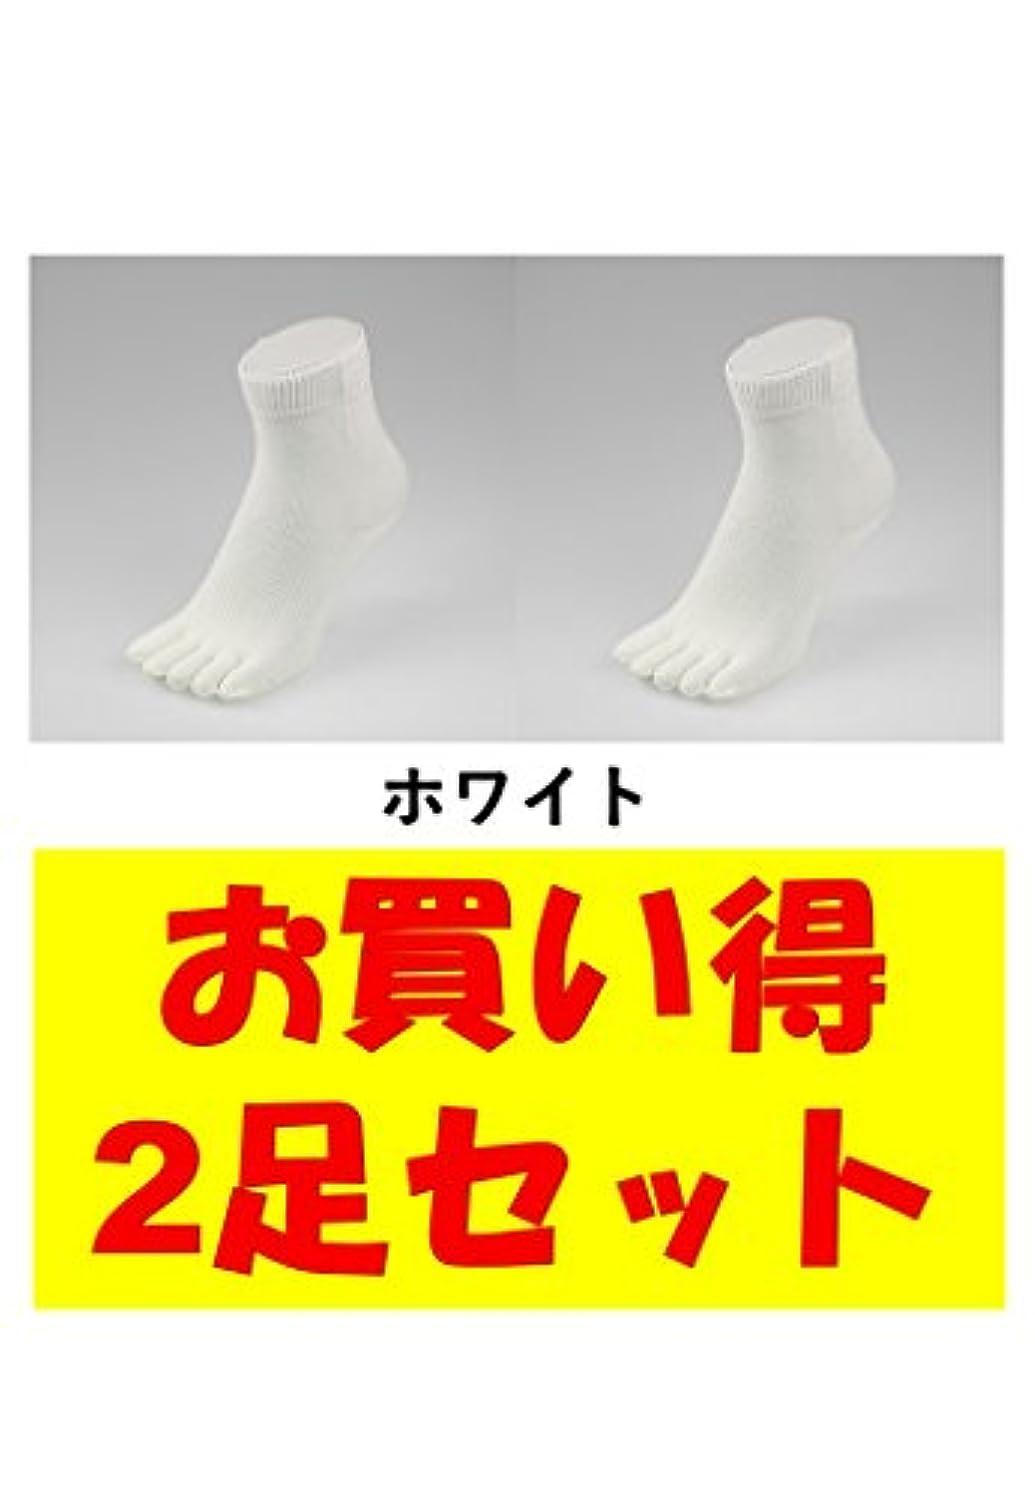 あいまいさ同化する後退するお買い得2足セット 5本指 ゆびのばソックス Neo EVE(イヴ) ホワイト Sサイズ(21.0cm - 24.0cm) YSNEVE-WHT